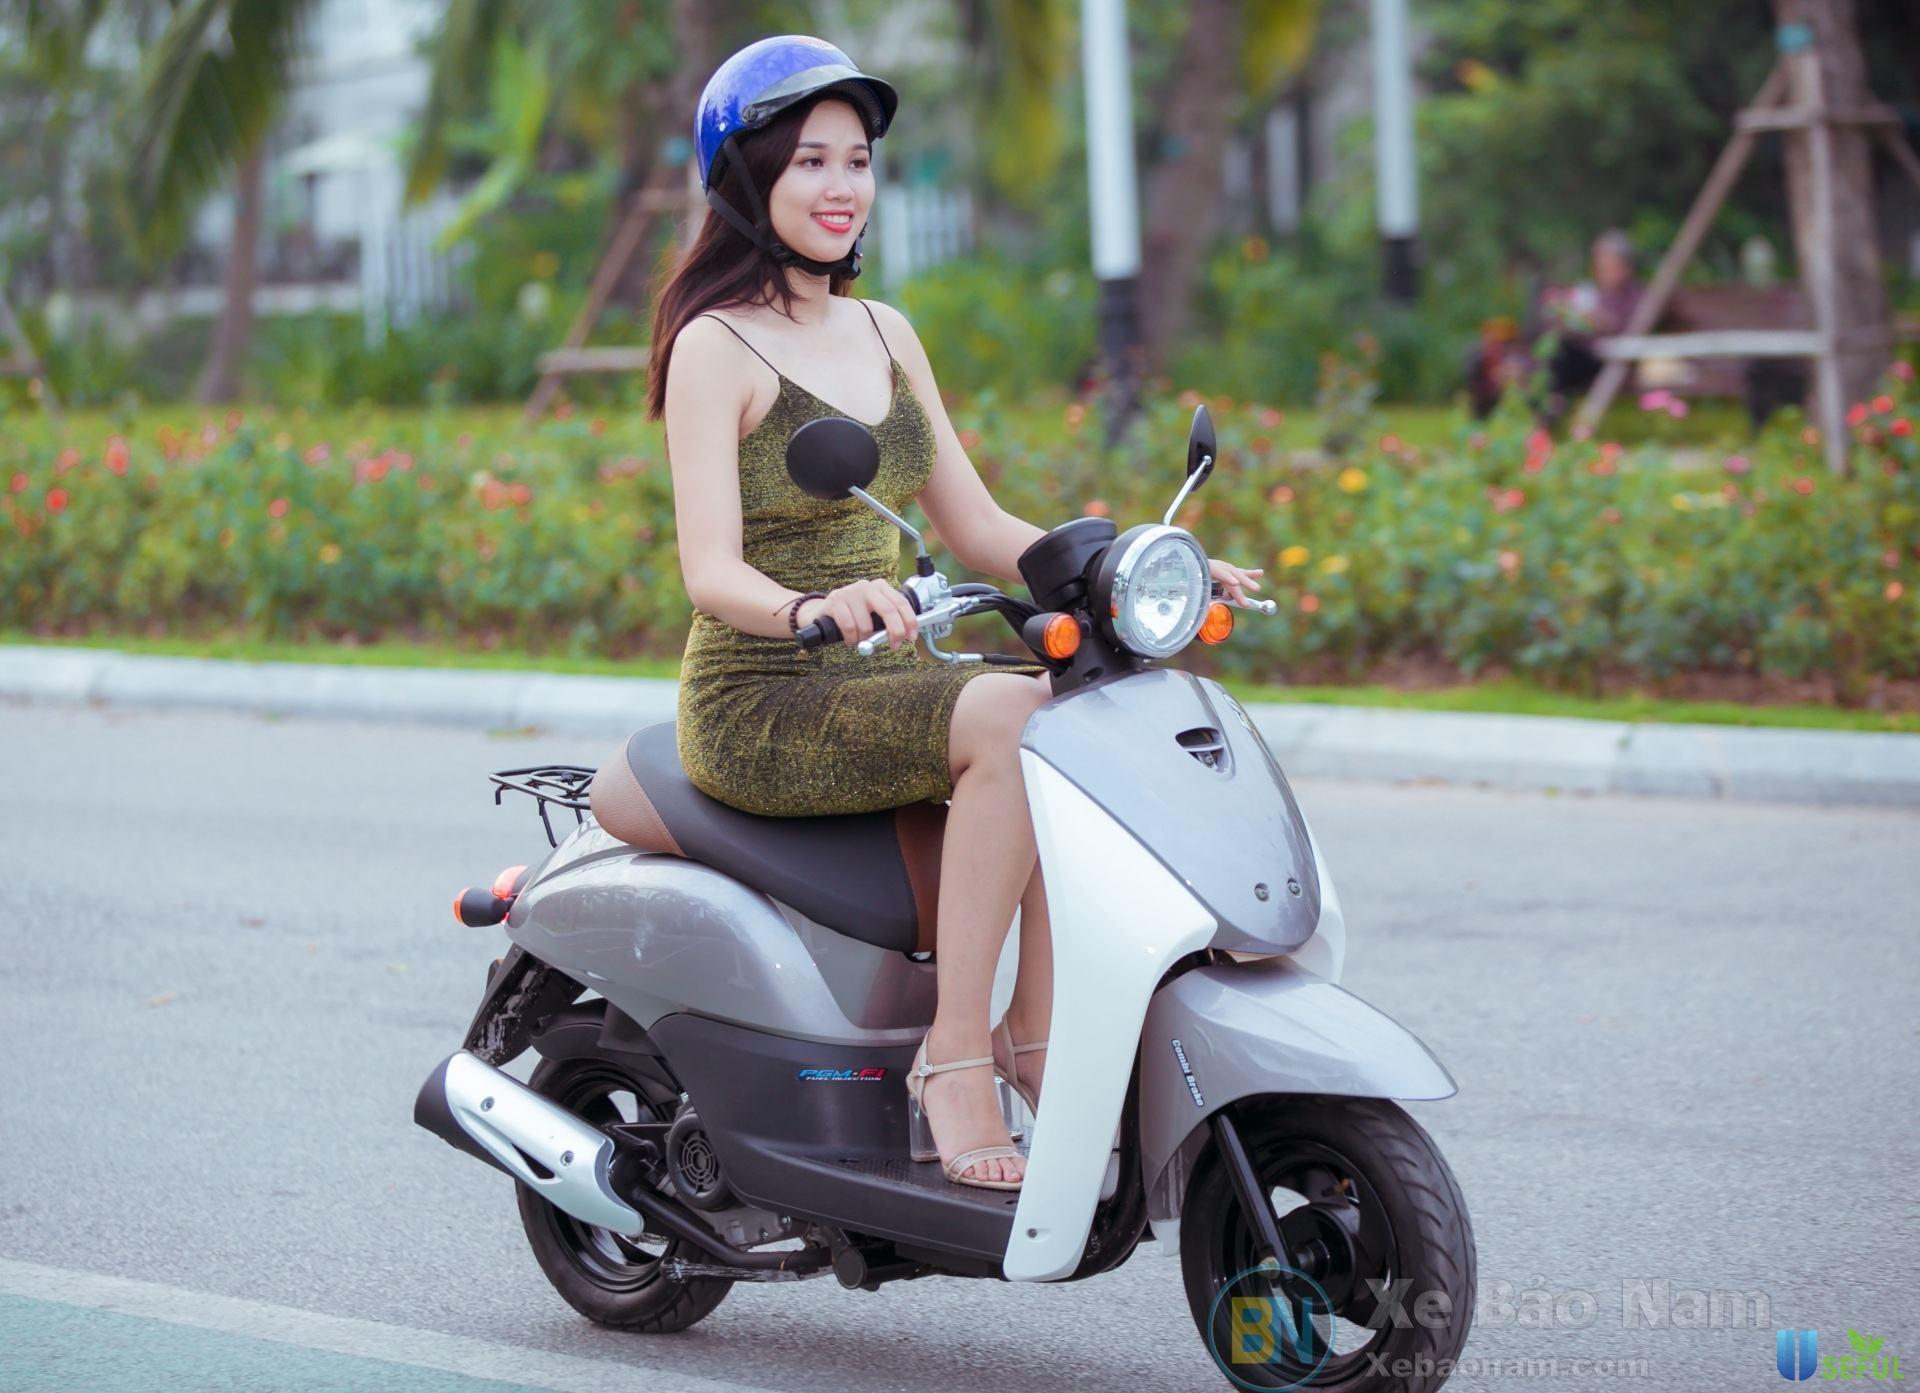 Xe ga 50cc Today nhỏ nhắn với phong cách thiết kế cổ điển